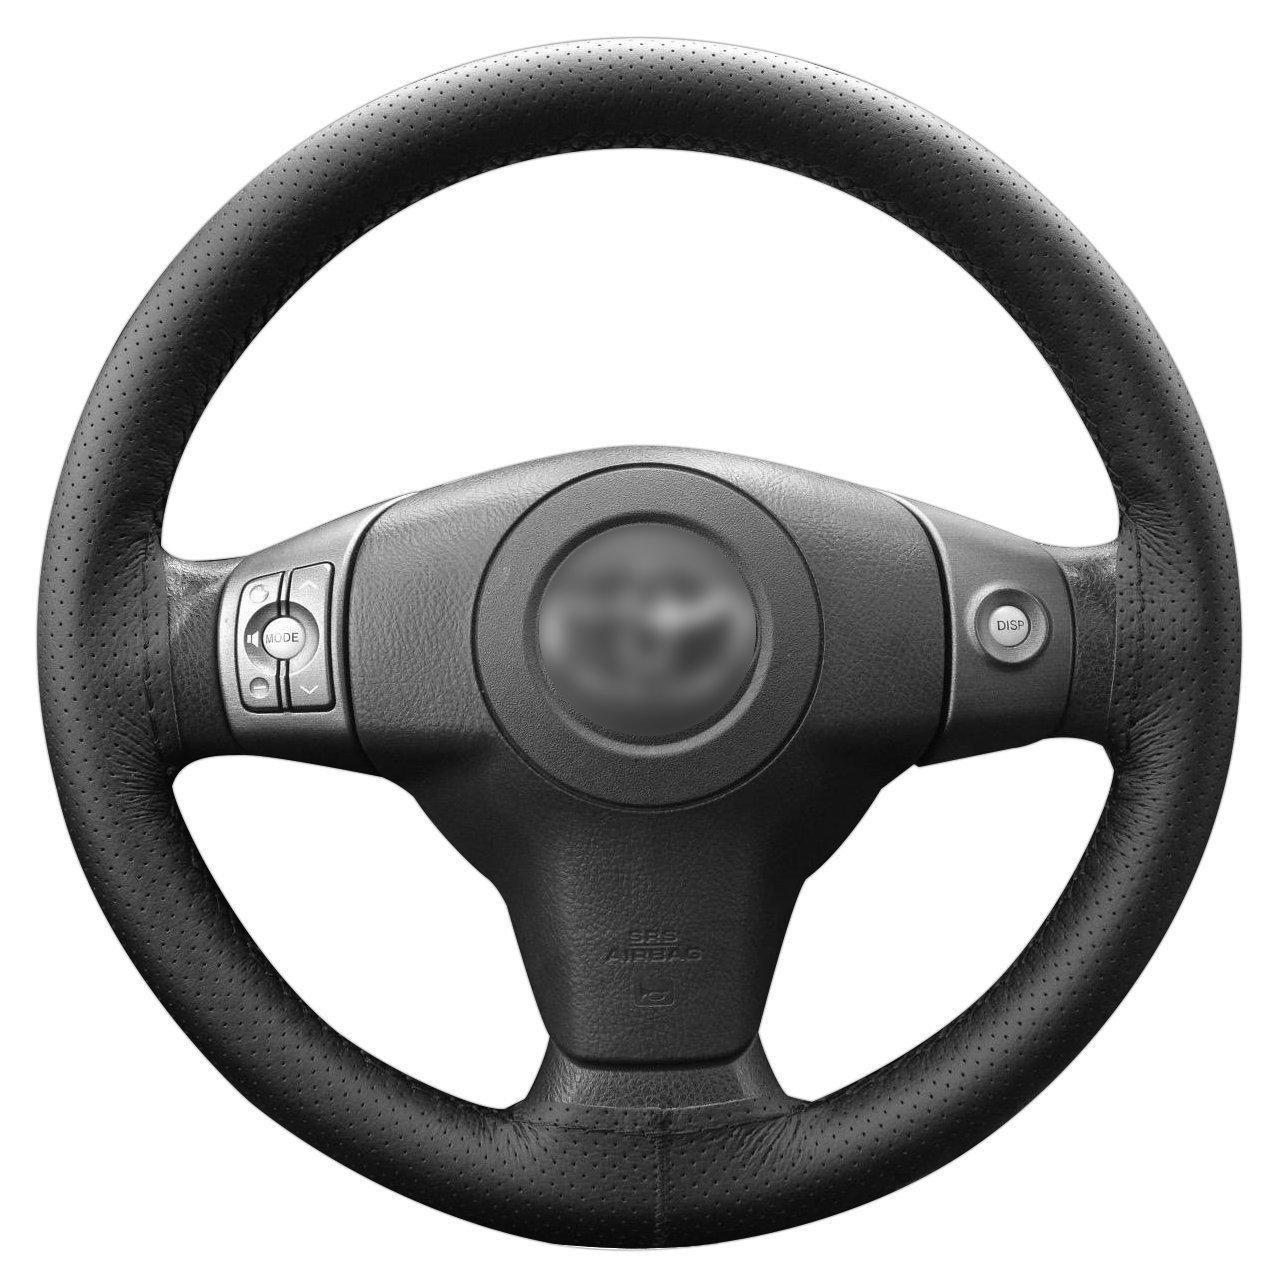 Best Car Steering Wheel Cover